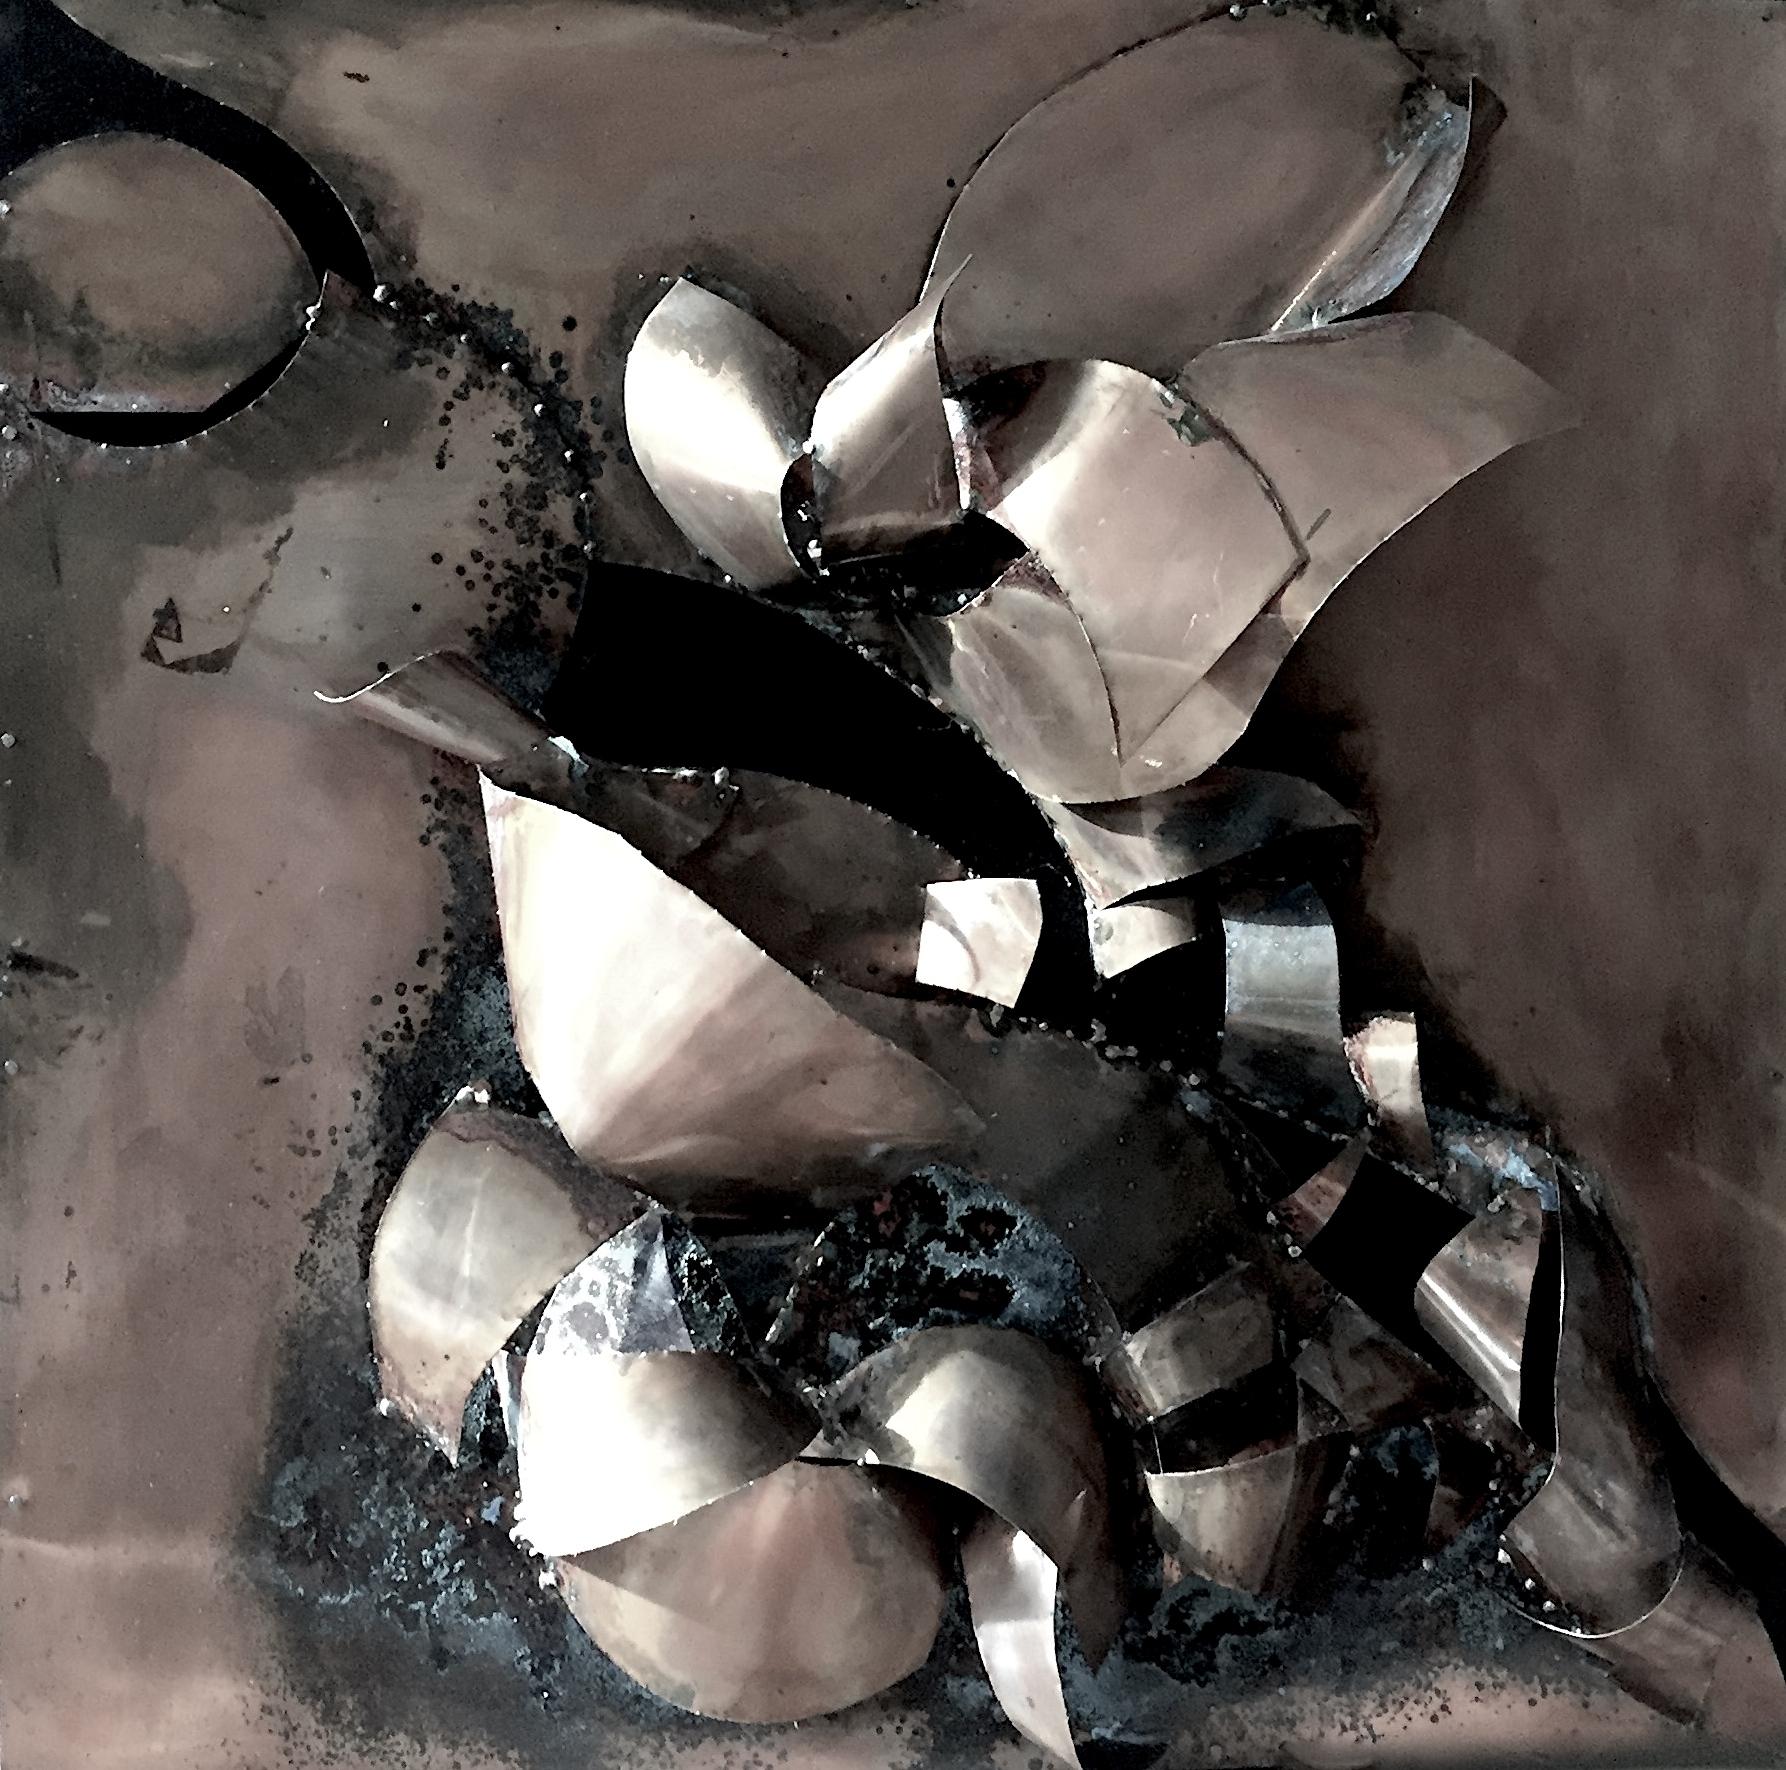 rame saldato scultura bergamo italia ossido Milano Italia